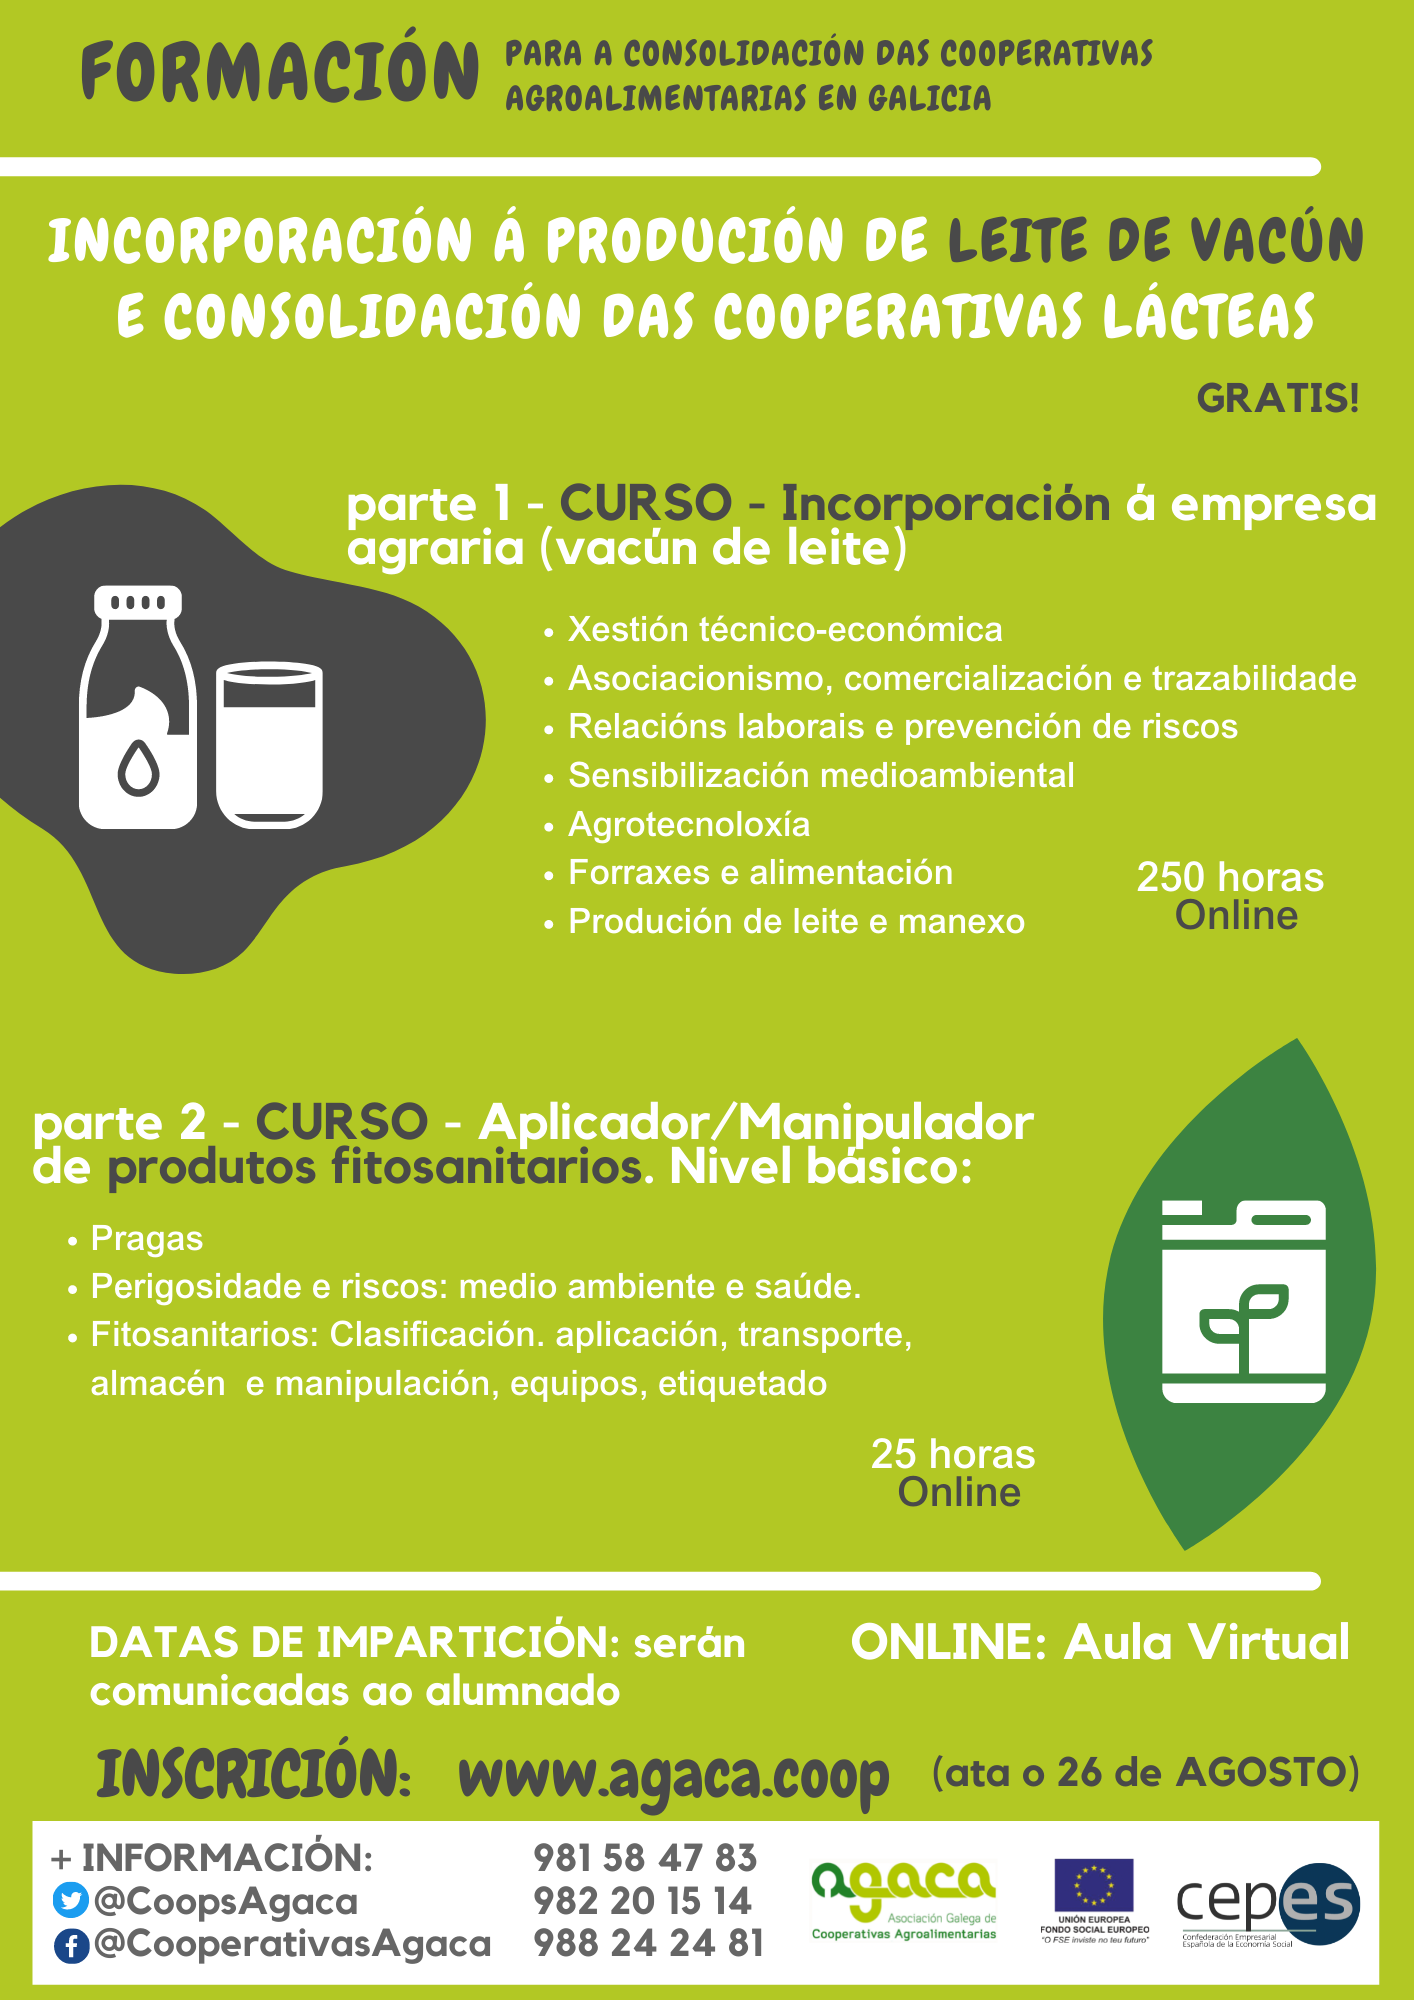 CEPES – Confederación Empresarial Española de la Economía Social